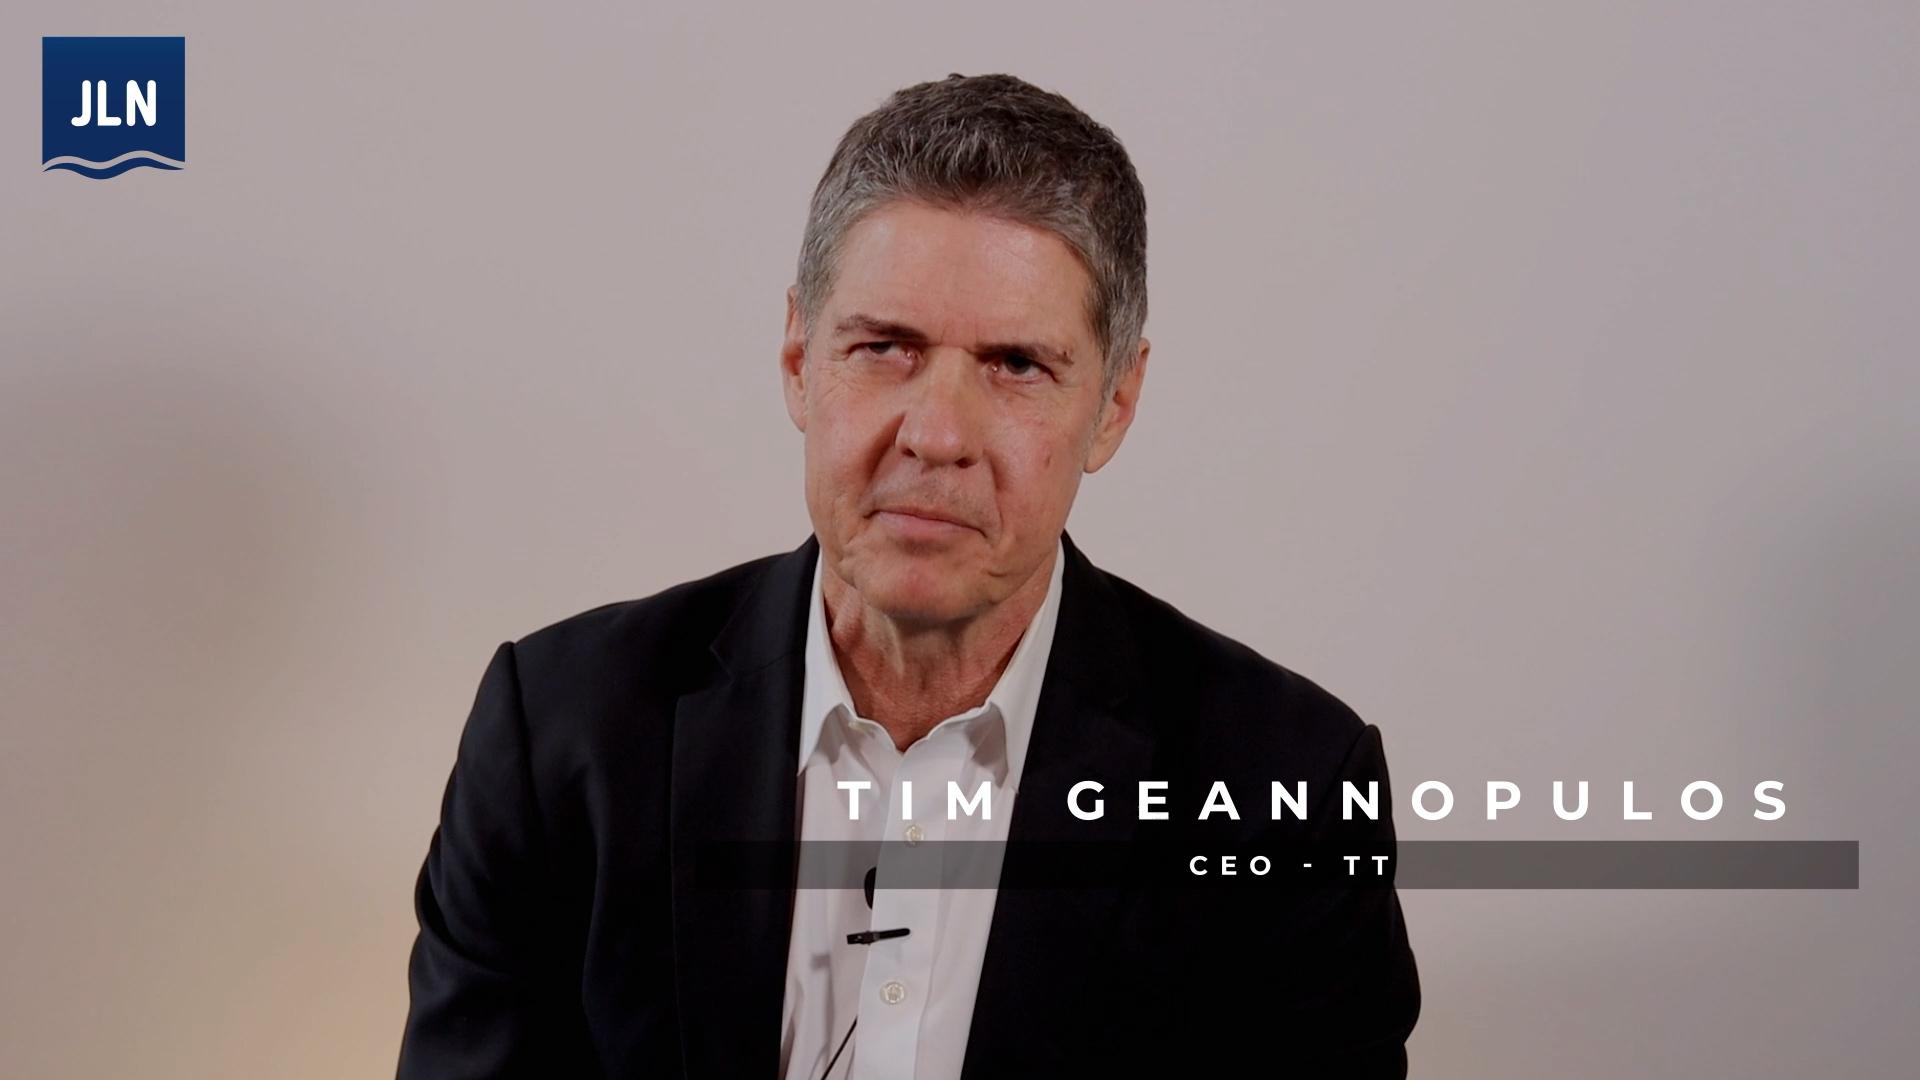 New TT Chairman & CEO Tim Geannopulos Talks to JLN